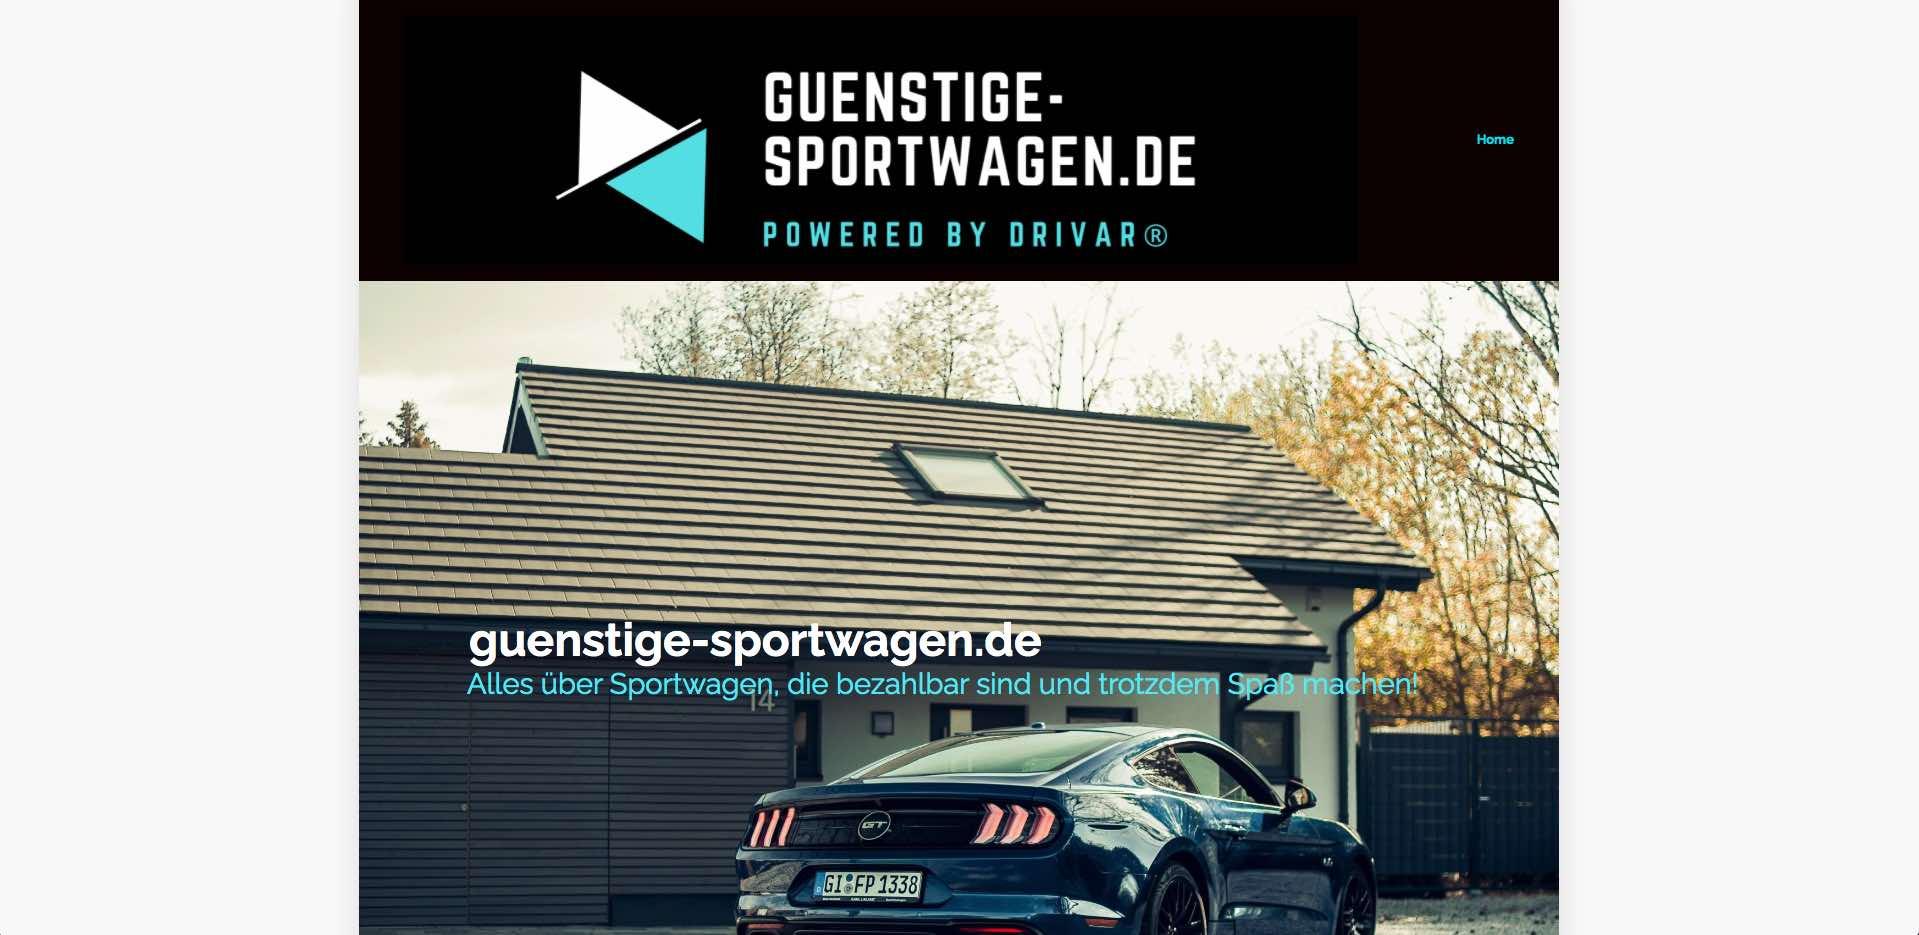 günstige sportwagen screenshot